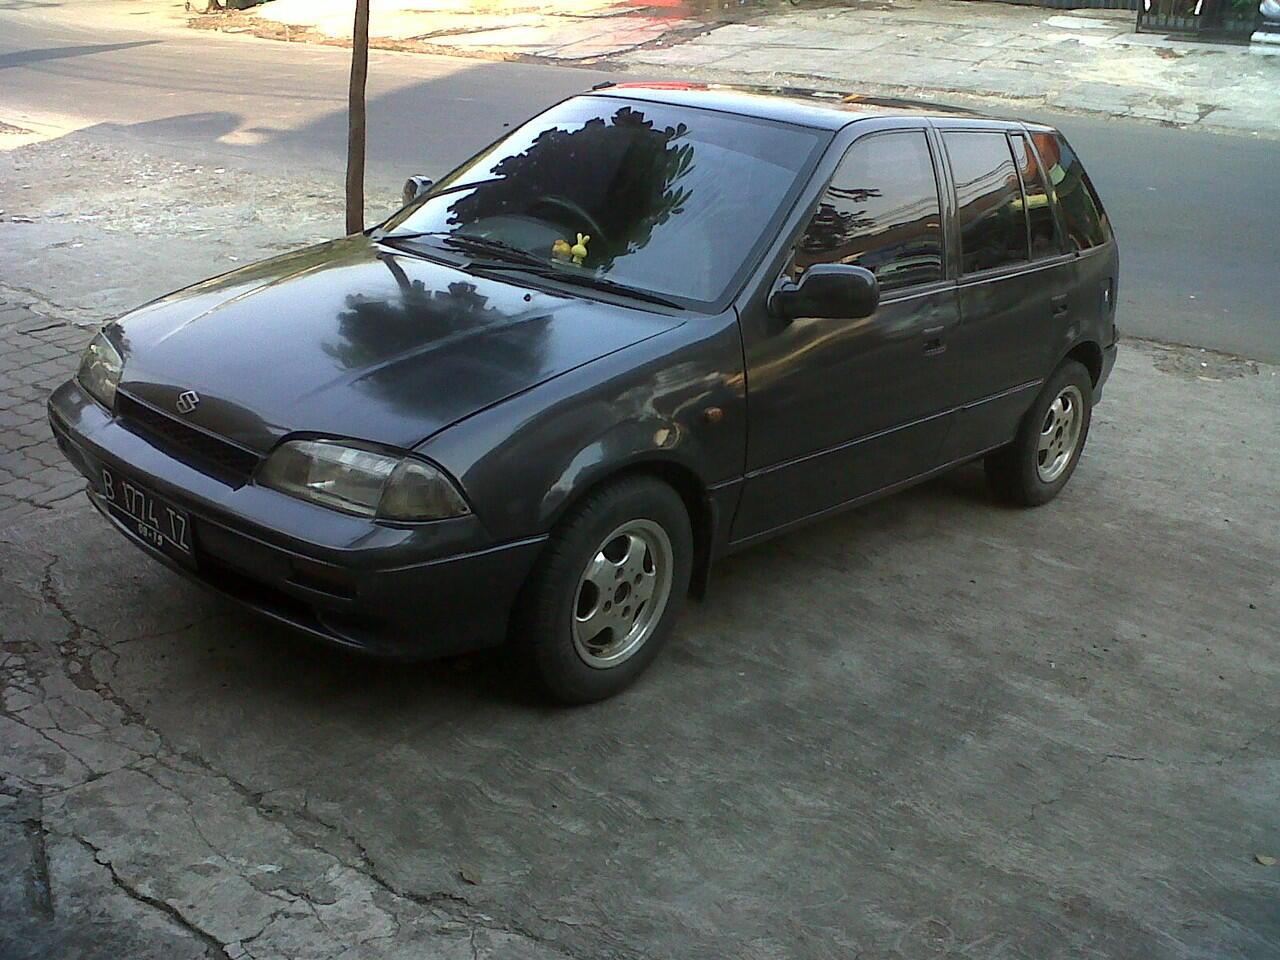 Jual Mobil Suzuki Amenity' 92